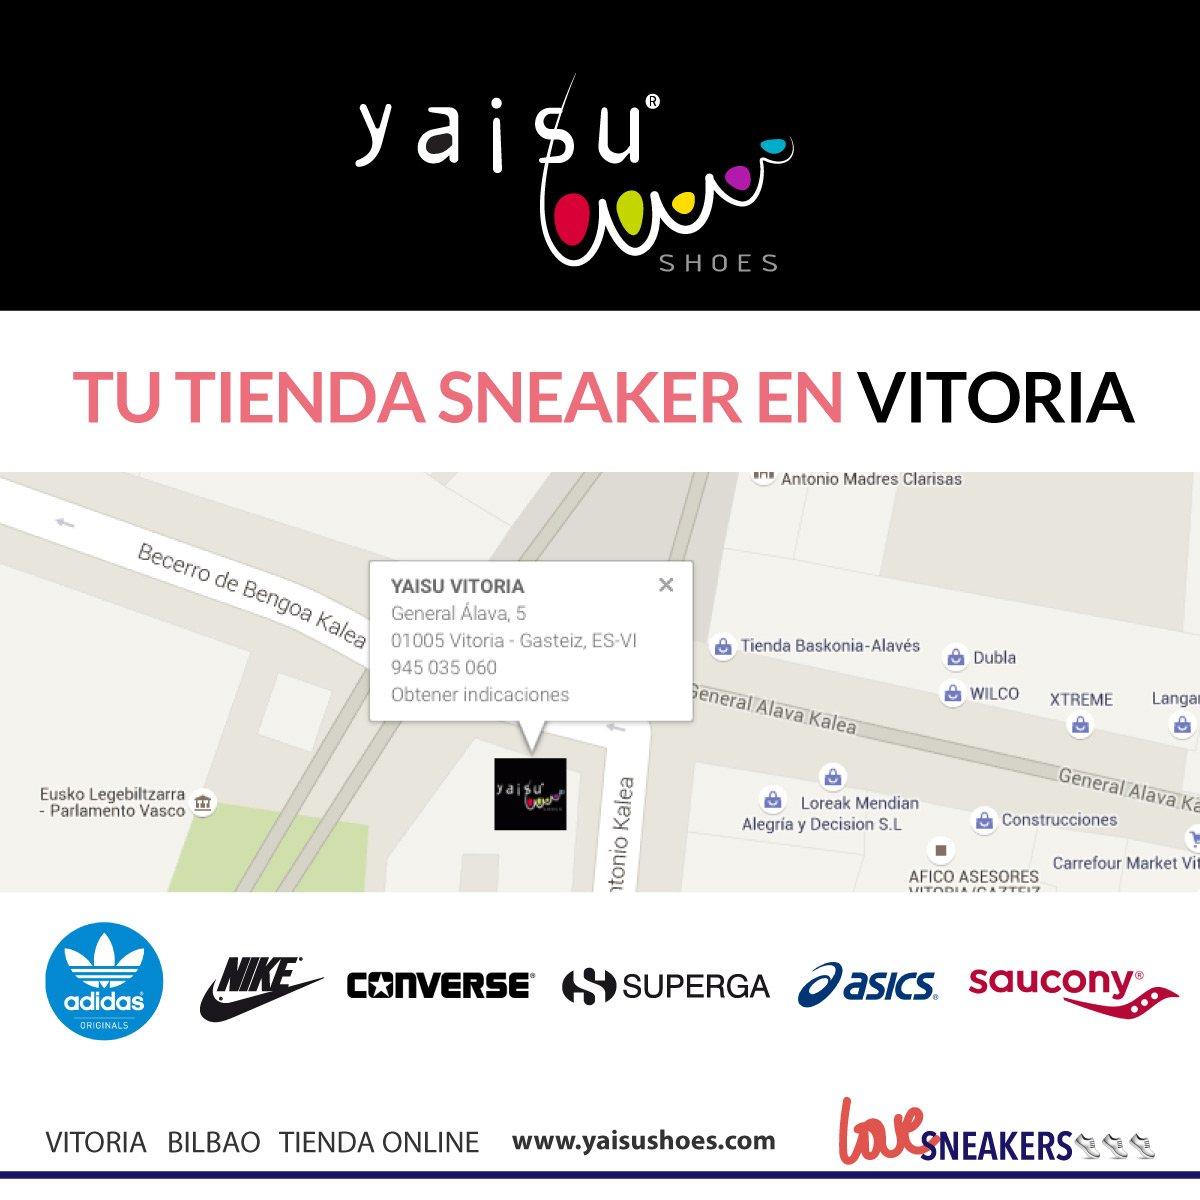 Yaisu Sneakers on Twitter: